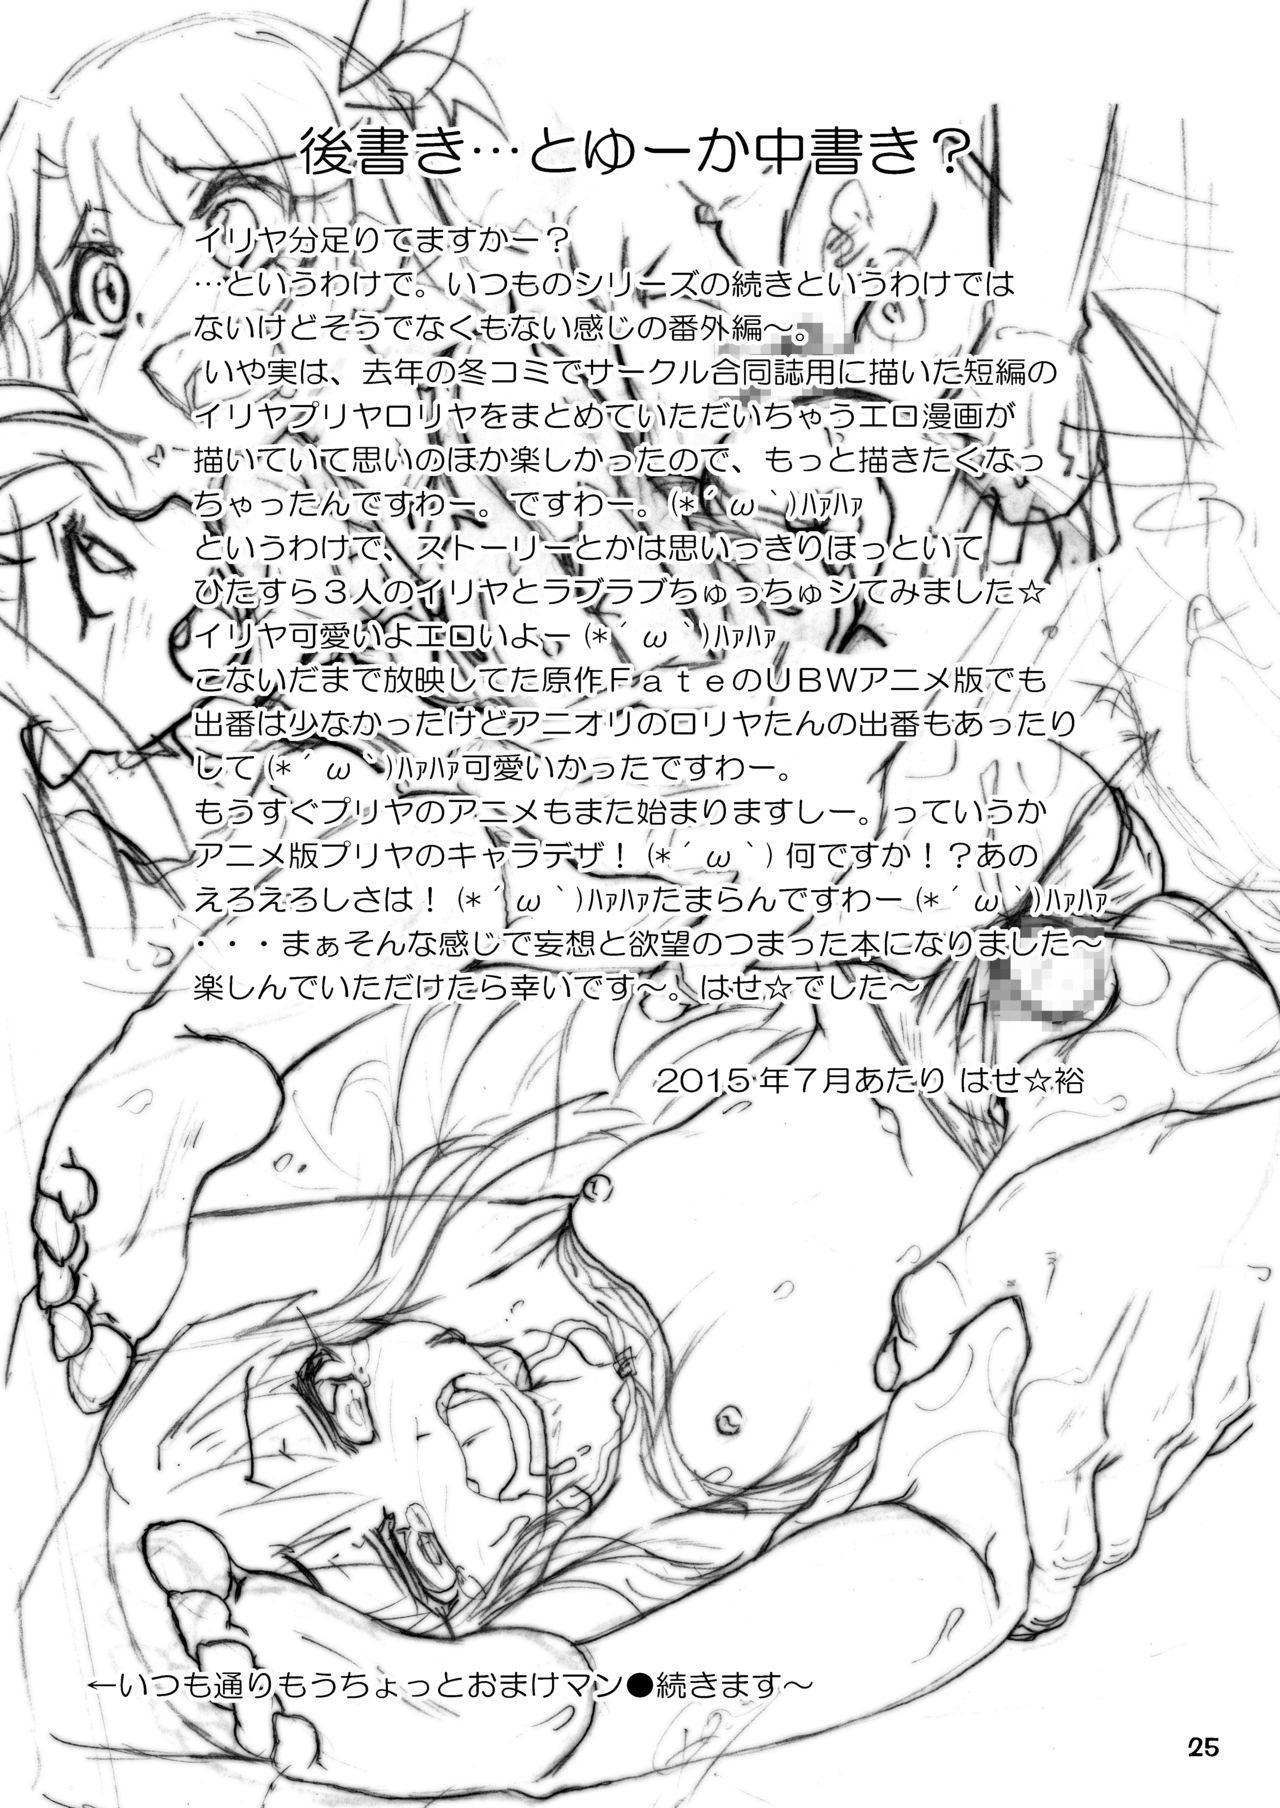 Illya Bunhokan Keikaku Bangaihen Illya x3 23